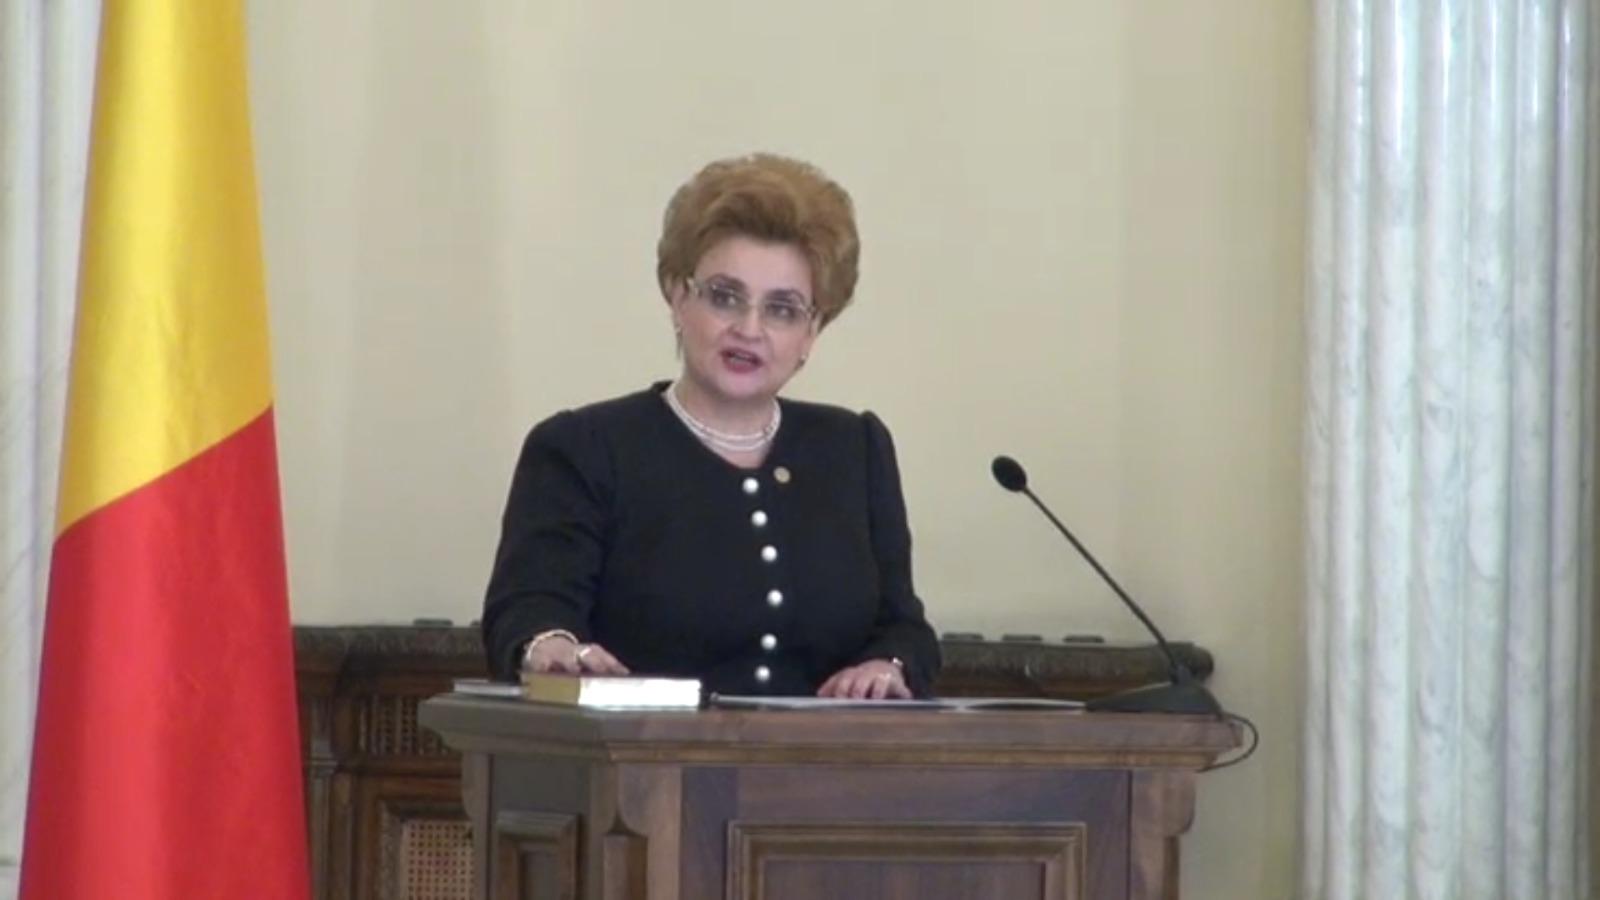 Grațiela Gavrilescu în timpul depunerii jurământului. Sursă foto: privesc.eu